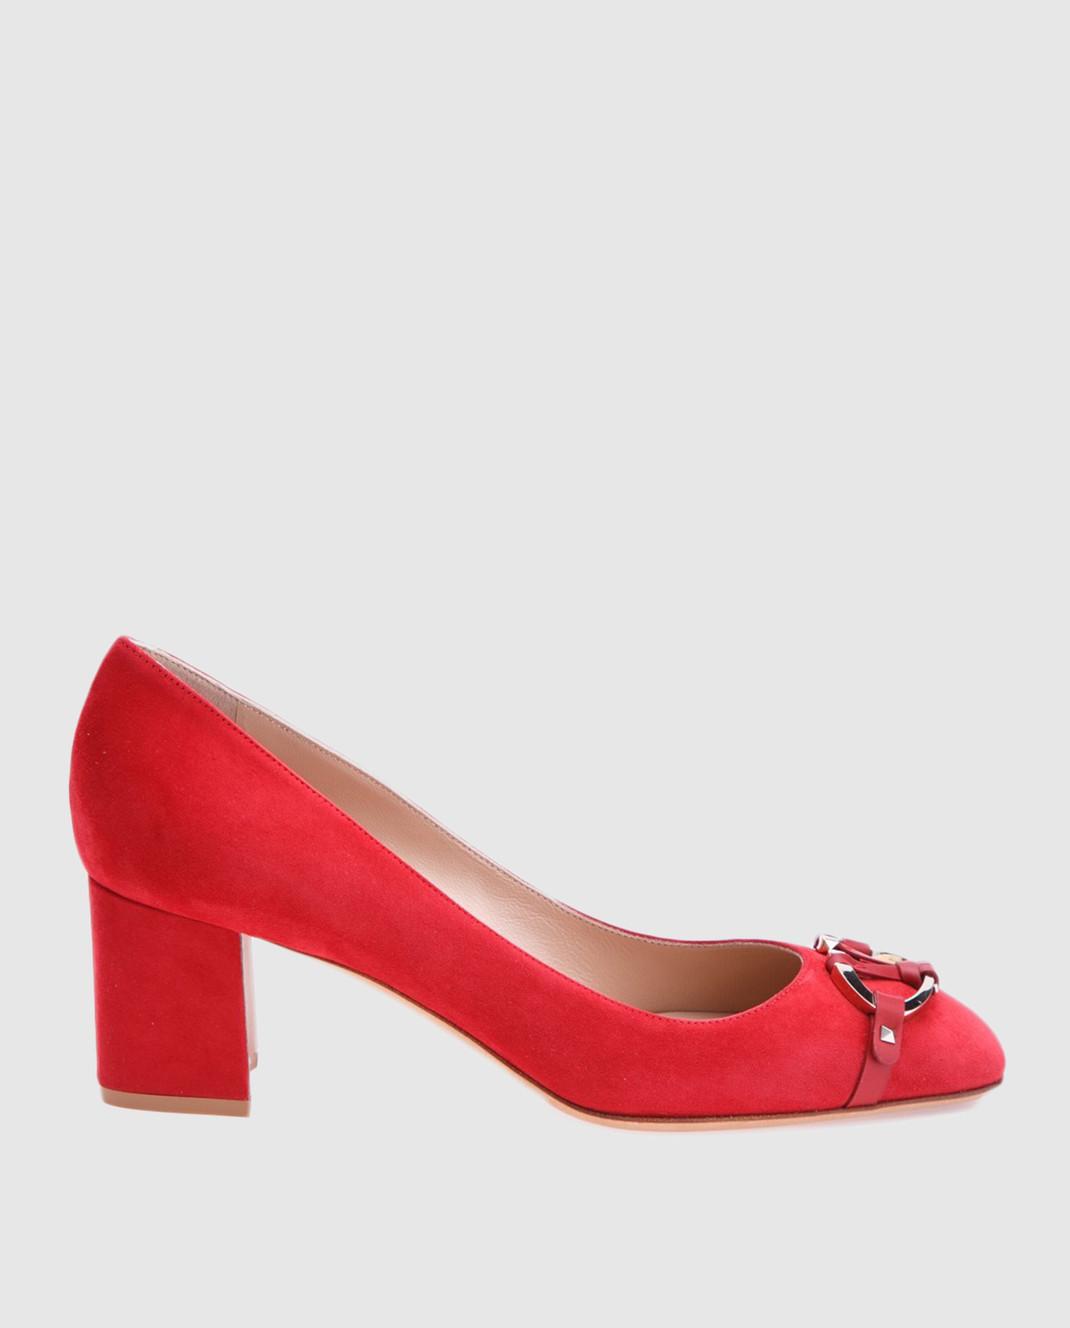 Valentino Красные туфли из замши изображение 1